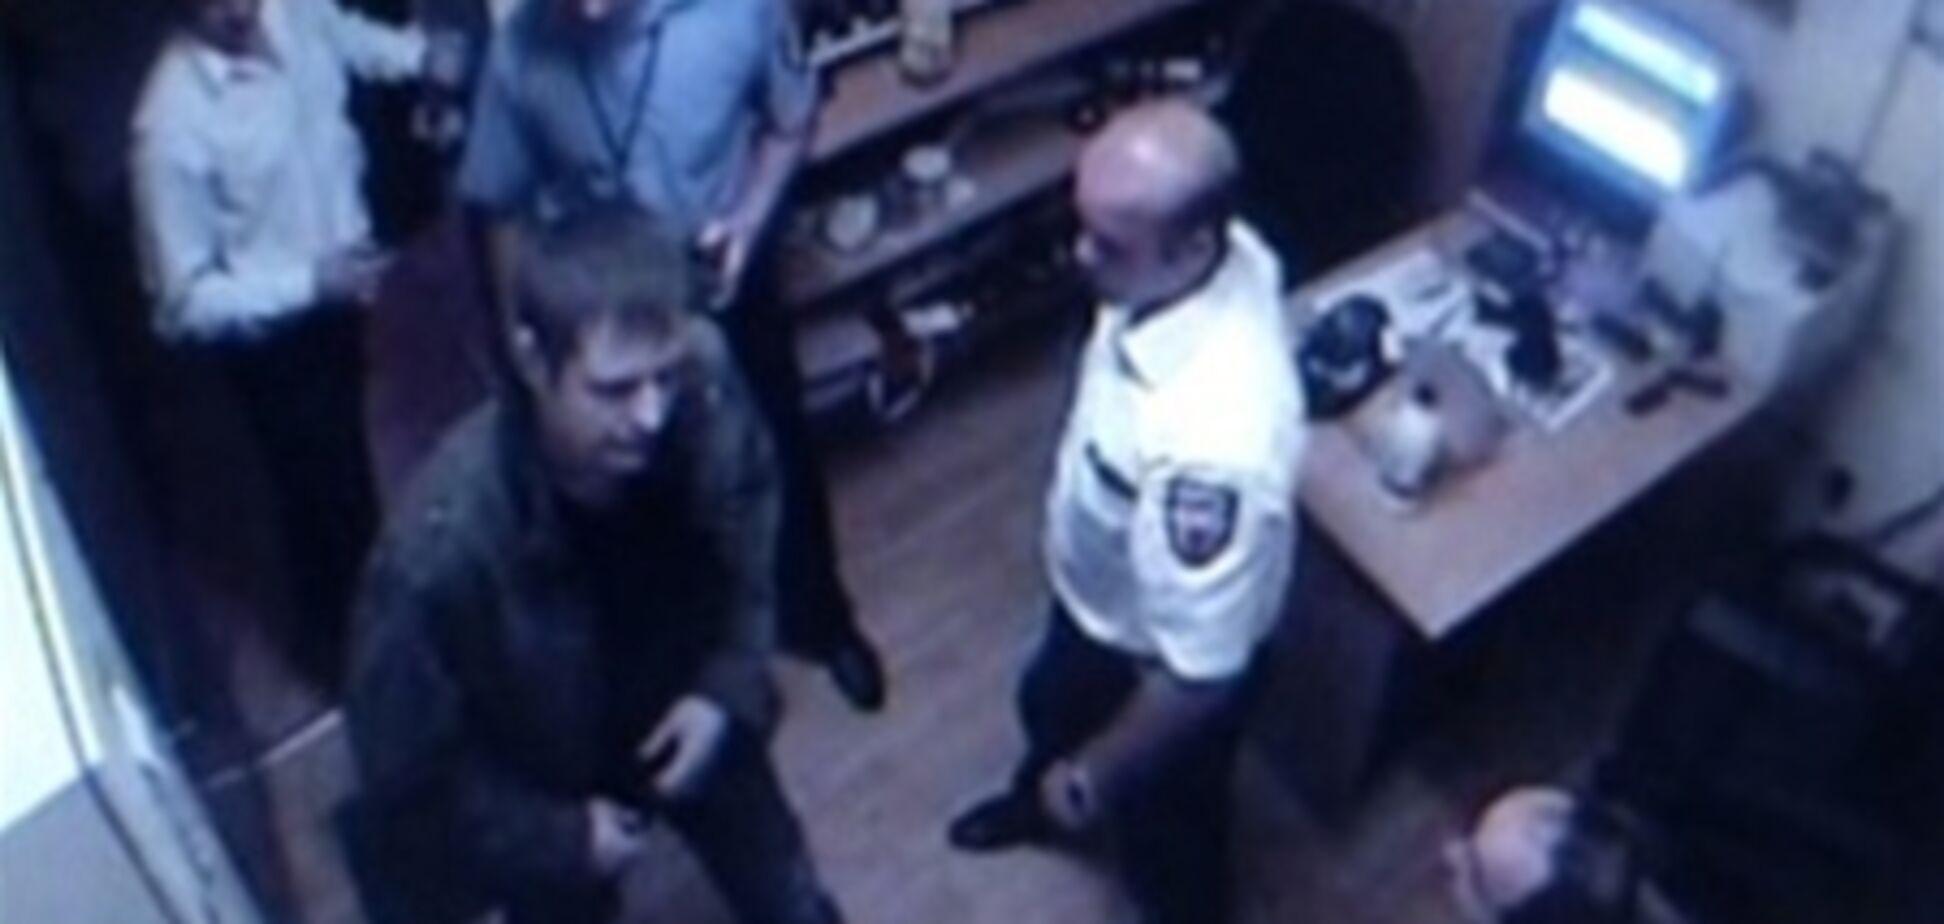 Охрана 'Каравана' не имела права задерживать покупателя - глава Федерации охранных служб